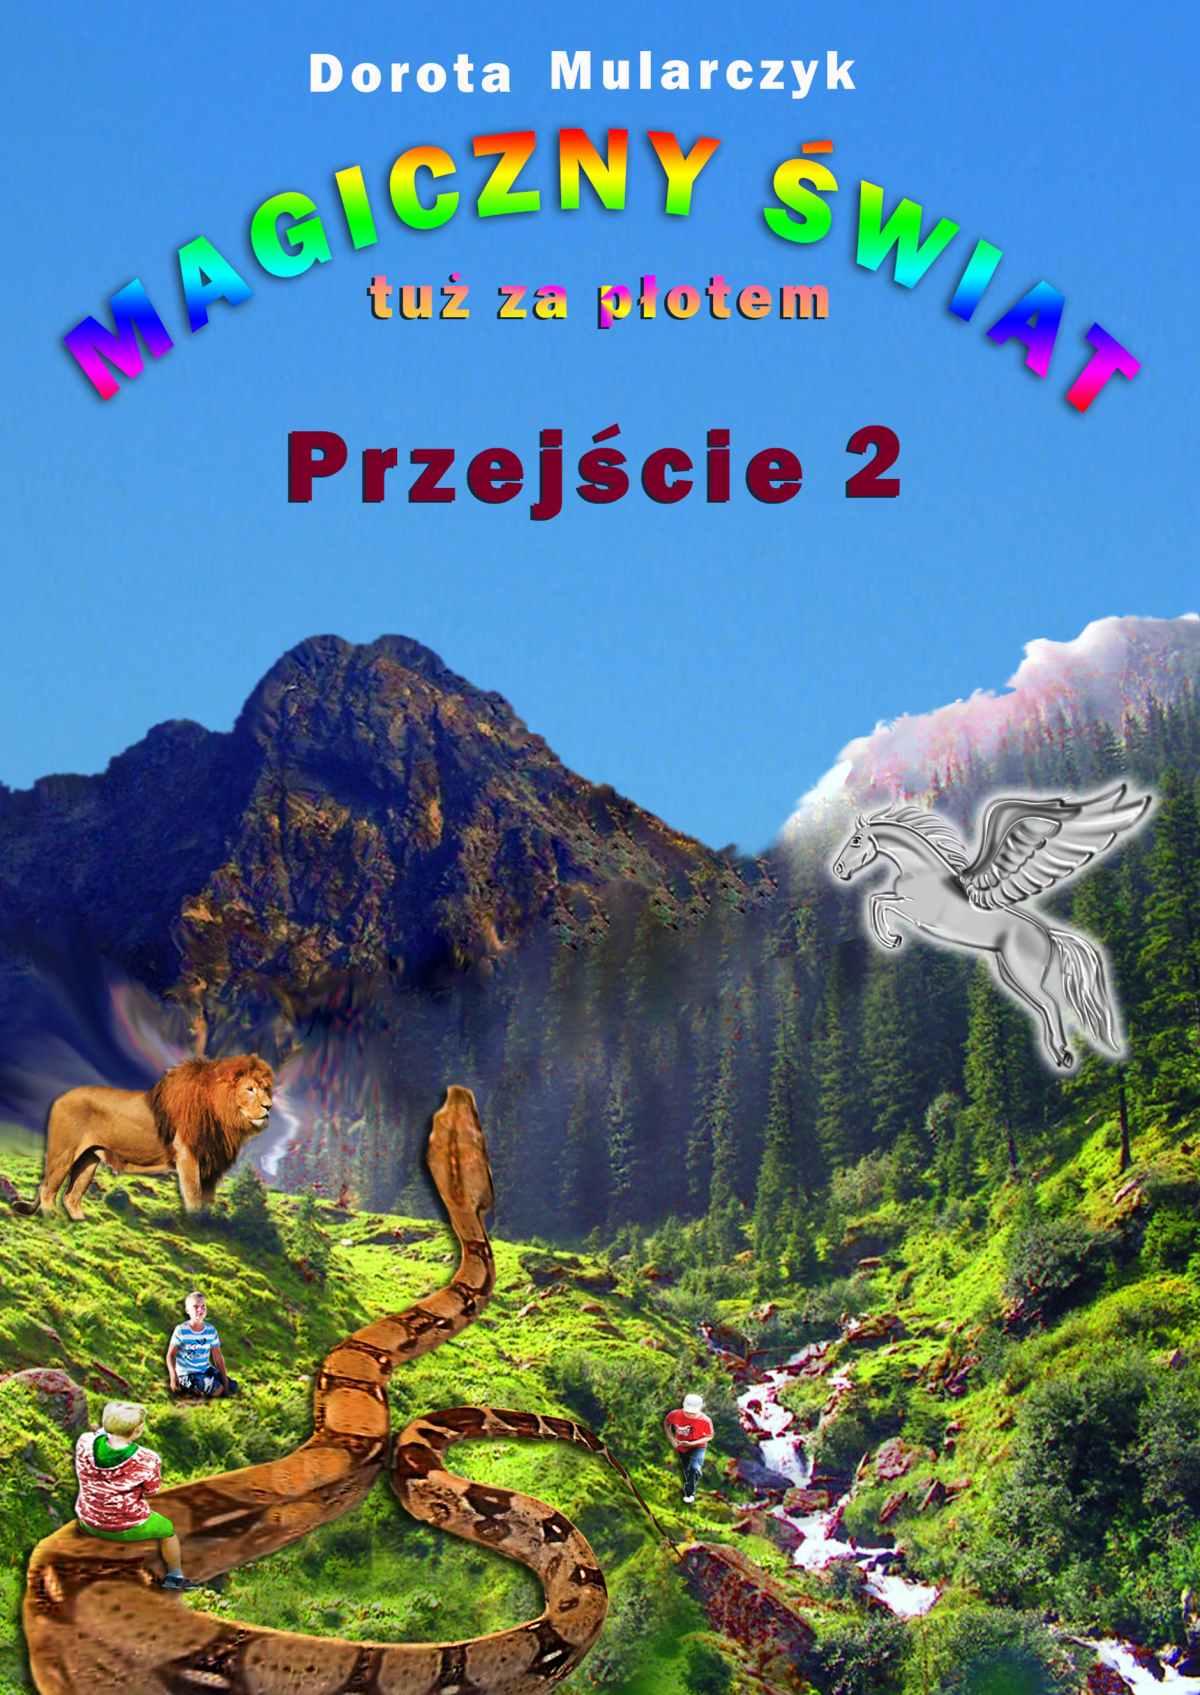 Magiczny świat tuż za płotem. Przejście 2 - Ebook (Książka EPUB) do pobrania w formacie EPUB